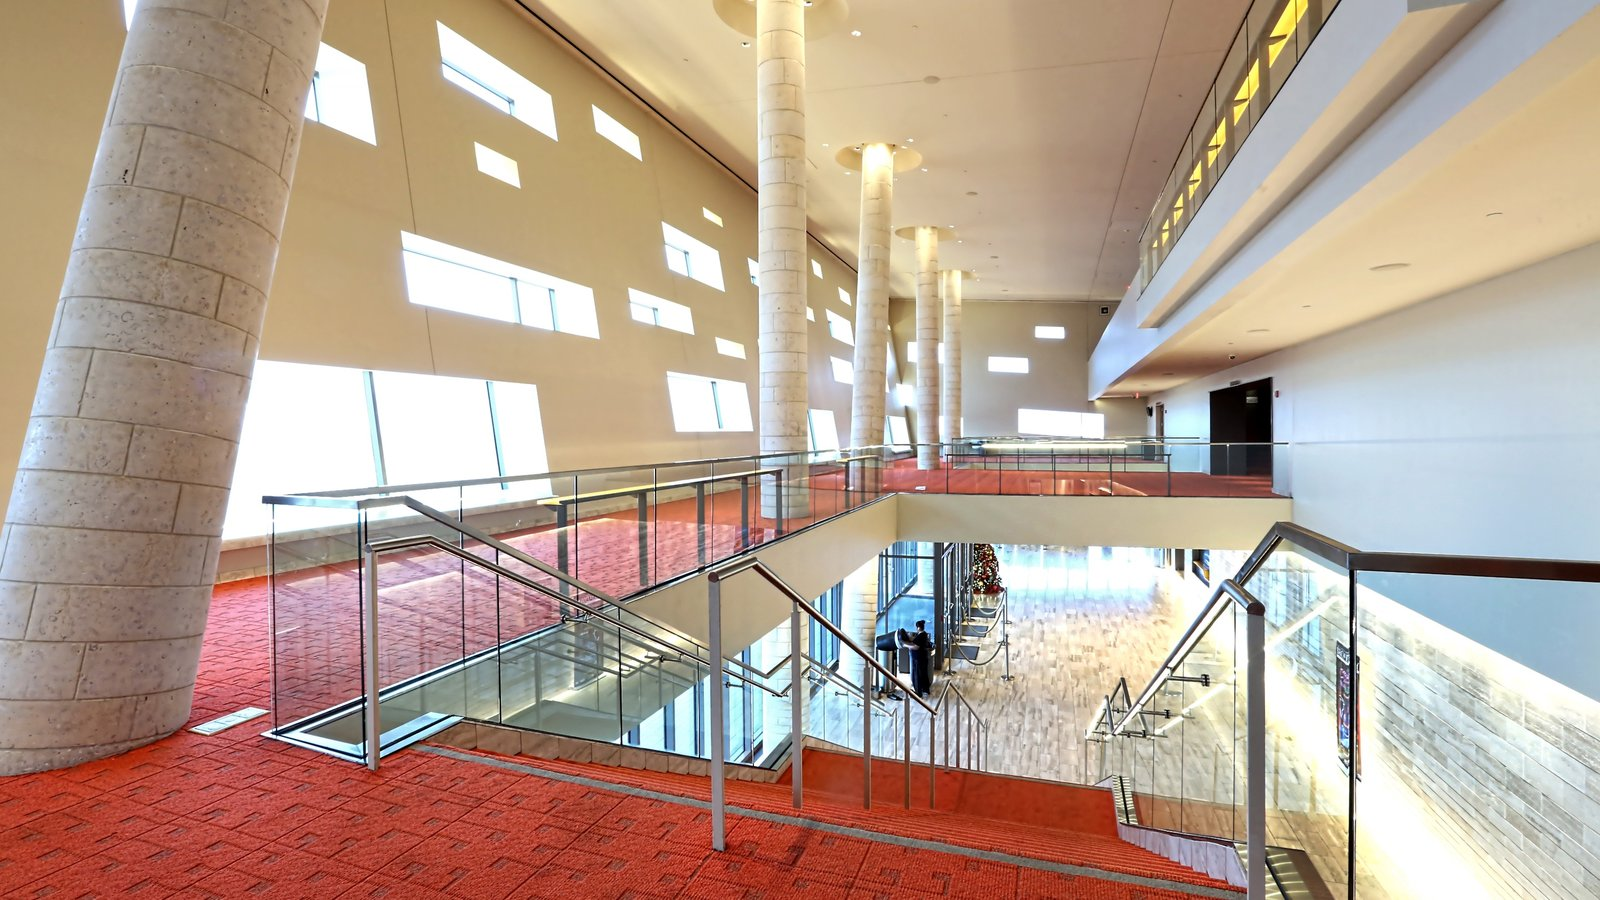 Midland que inclui cenas de teatro, vistas internas e arquitetura moderna